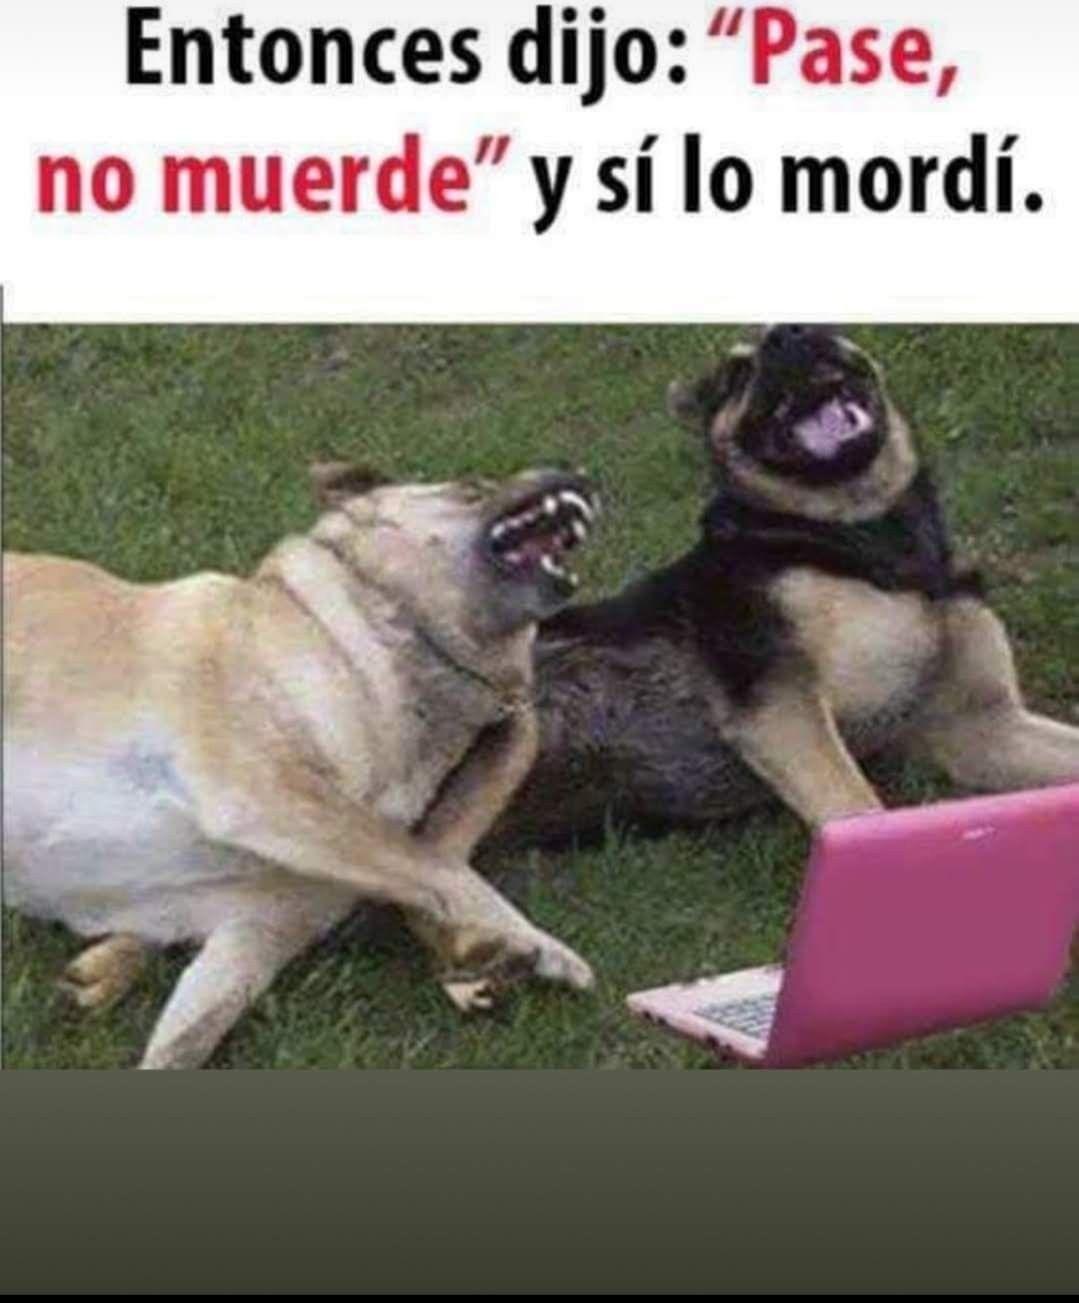 Pin De Madame Red En Memes Humor De Perros Chistes De Perros Memes Divertidos Sobre Perros